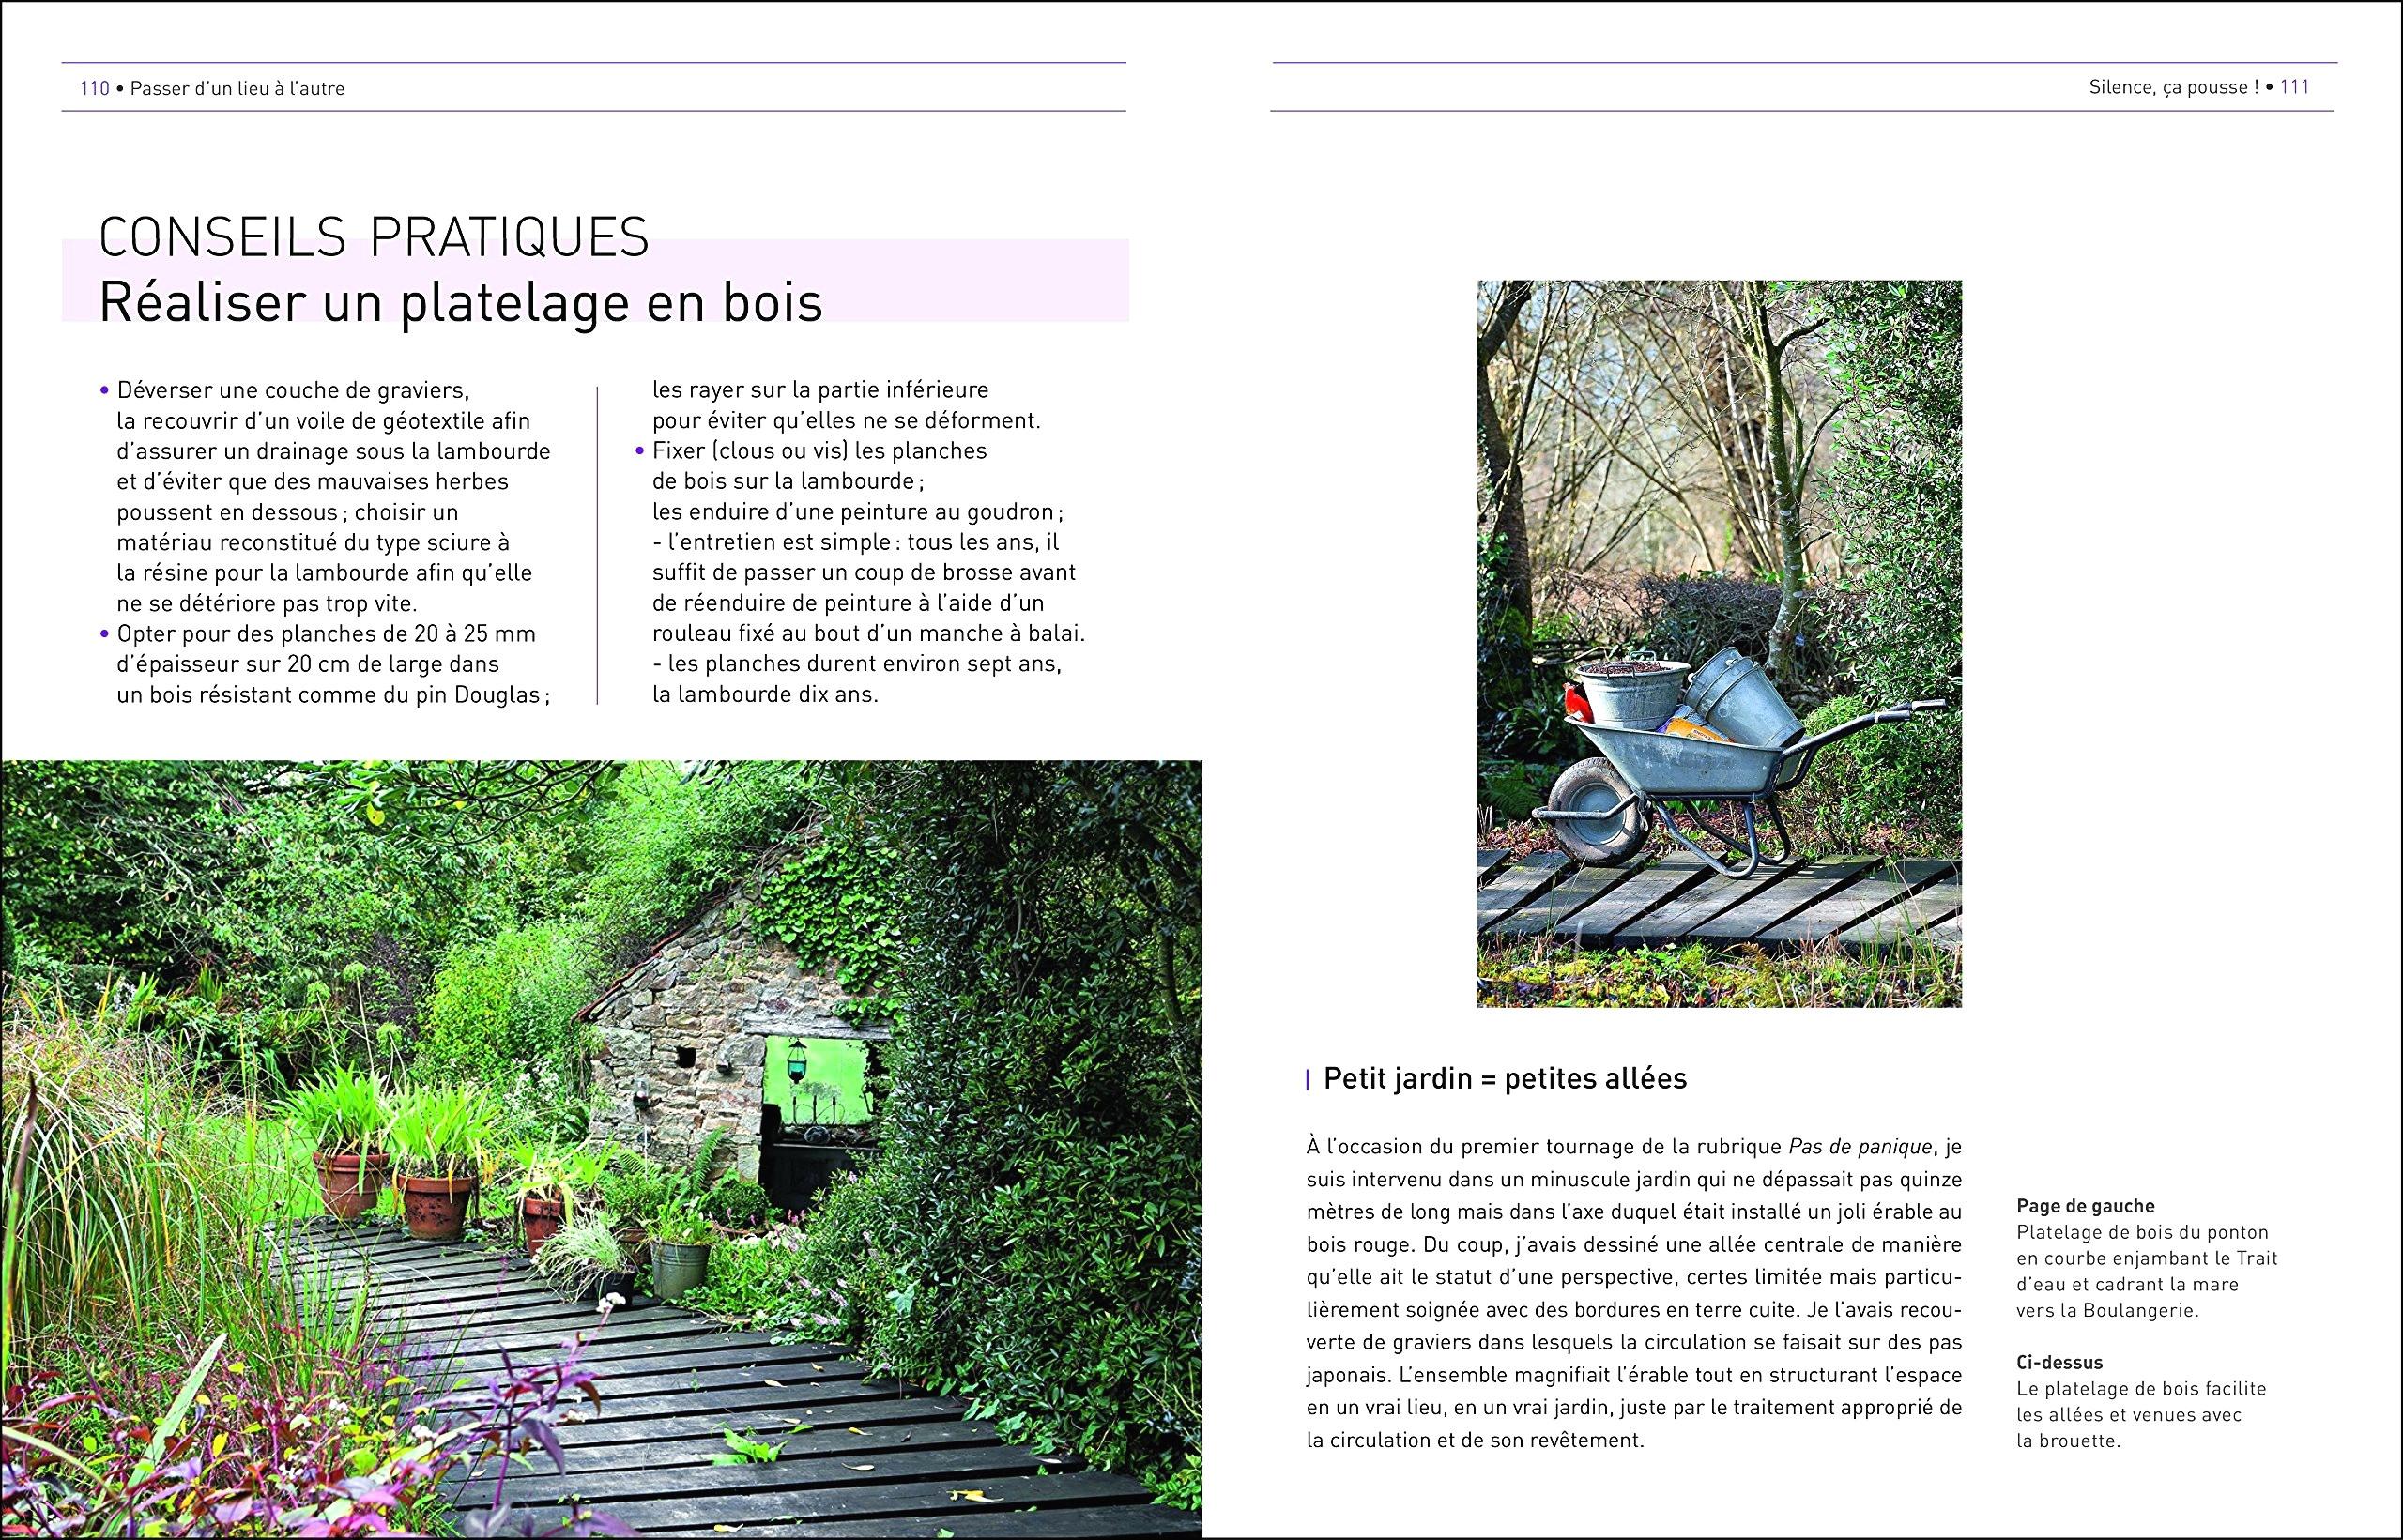 Brouette Deco Jardin Luxe Photographie Petit Banc Bois Meilleur De Clotures Jardin Best Banc De Jardin